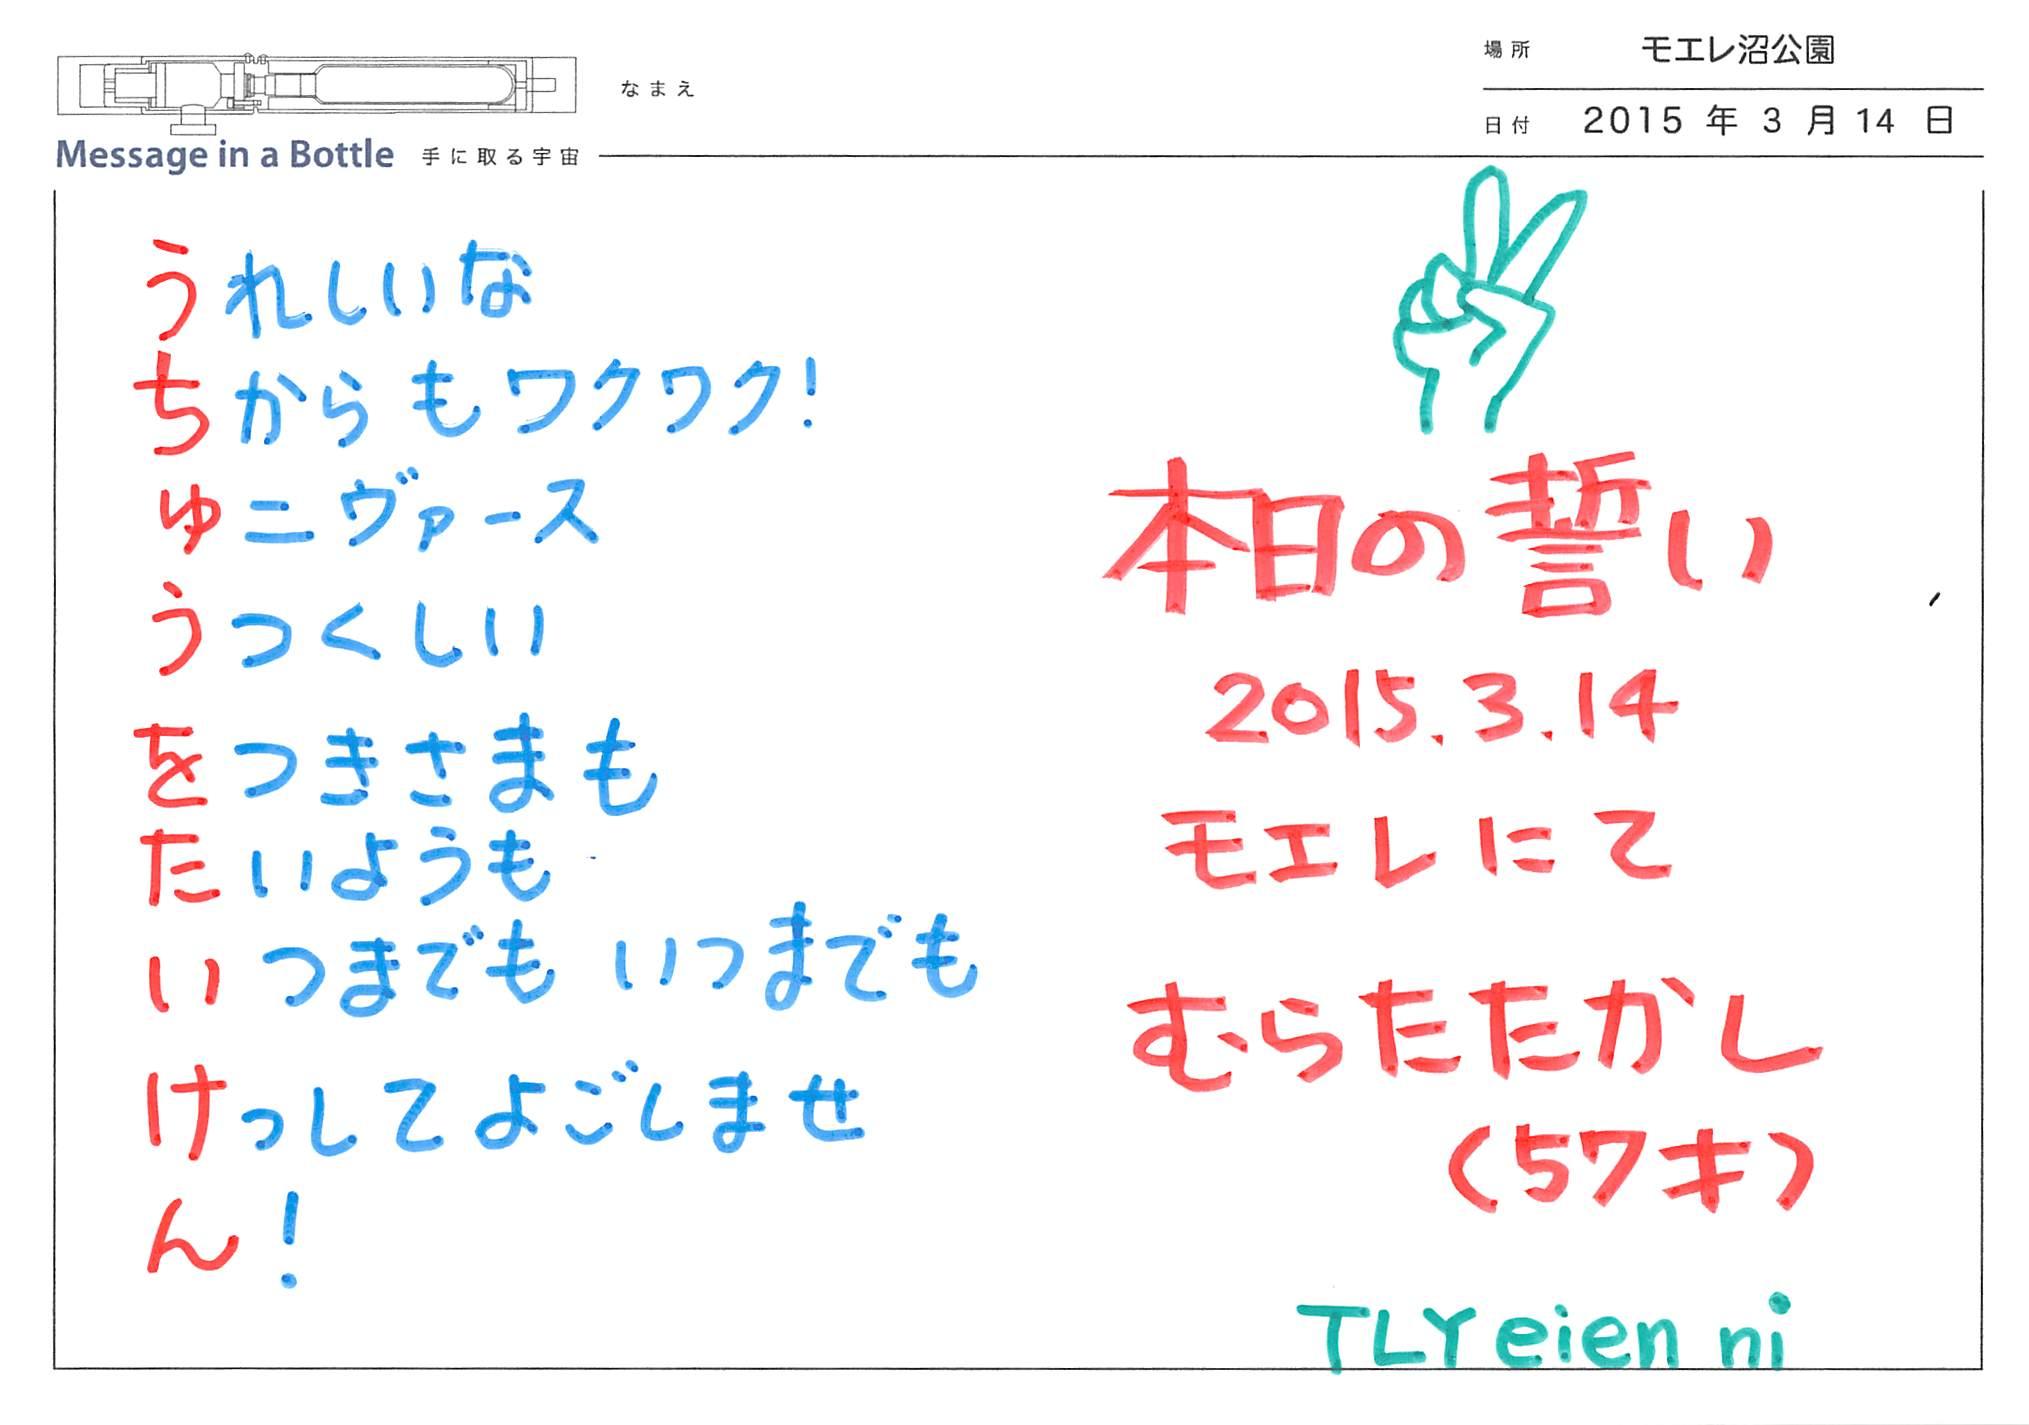 2015-03-14-18-10-56.jpg